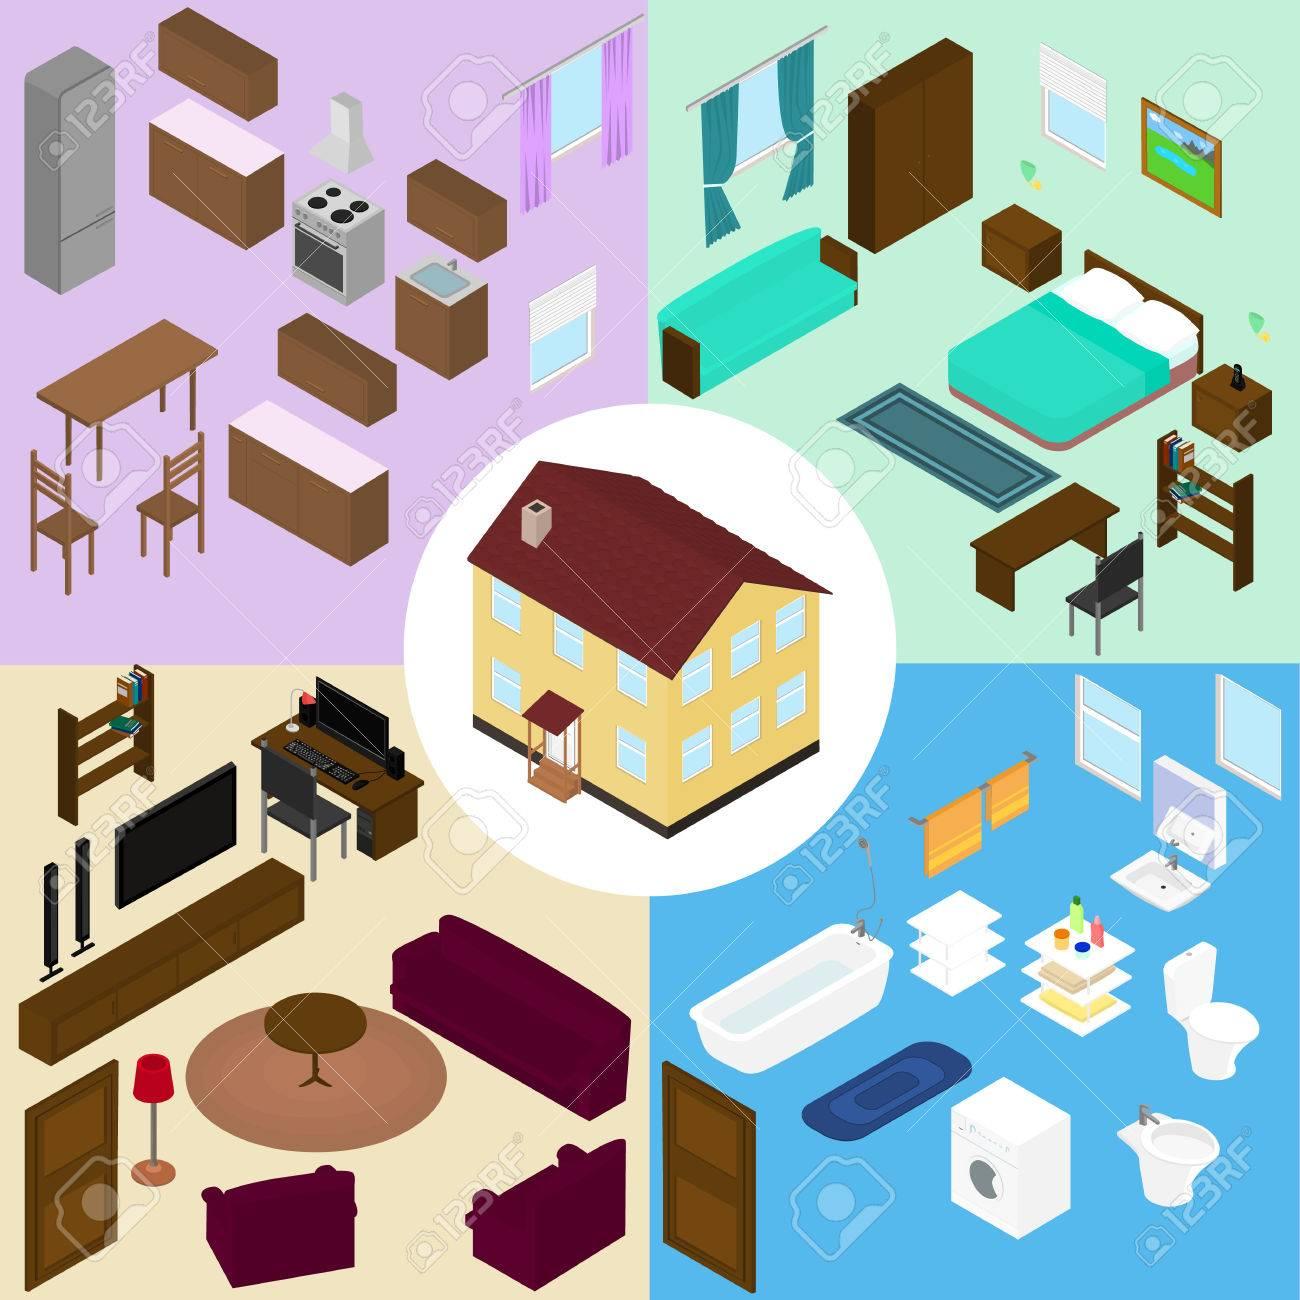 Conjunto de muebles isométrica. La casa, muebles de cocina, baño, salón,  dormitorio.